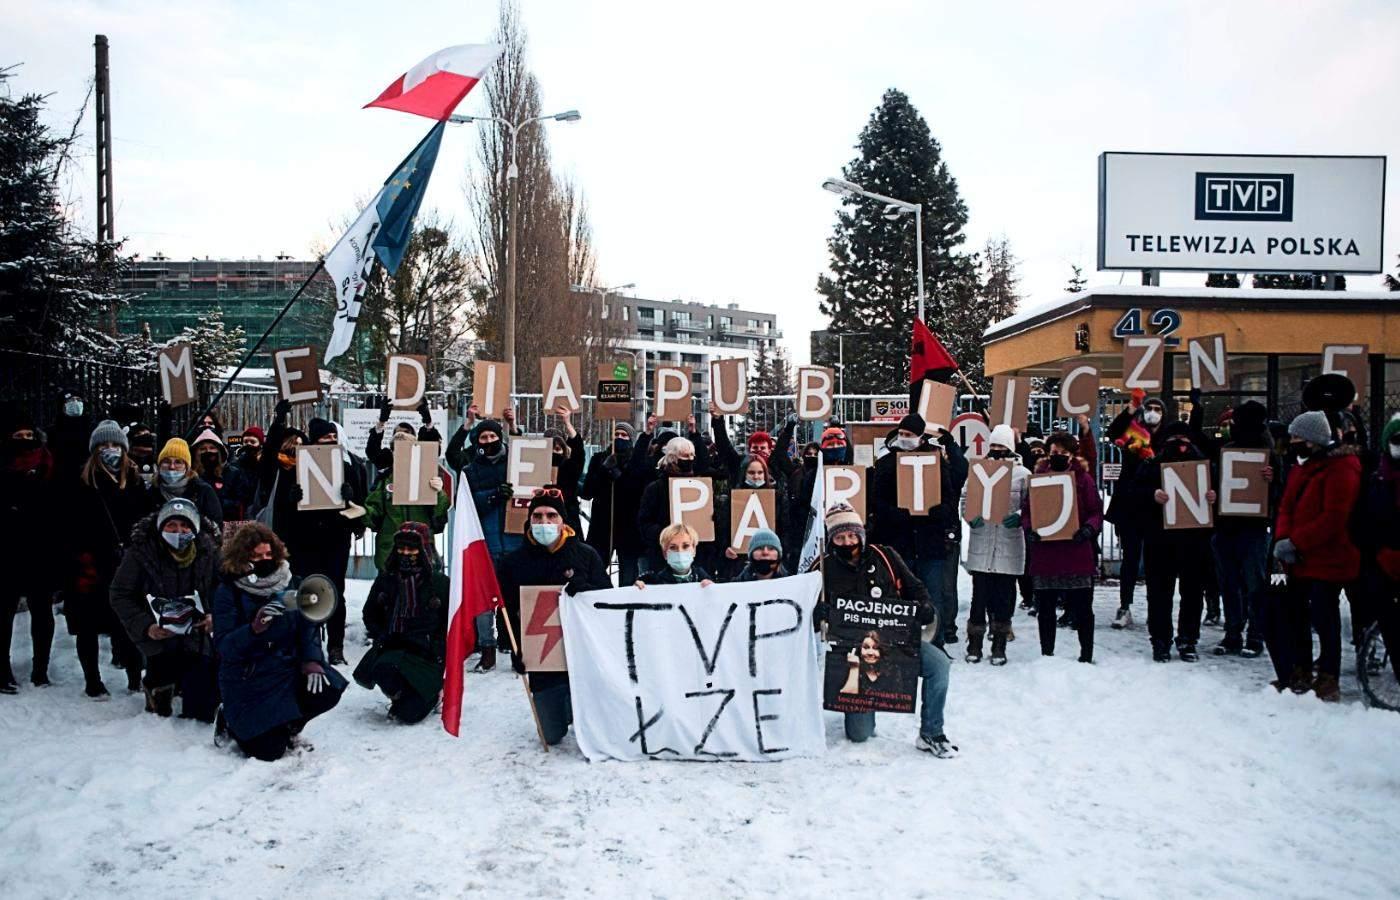 Протести під державним телеканалом TVP